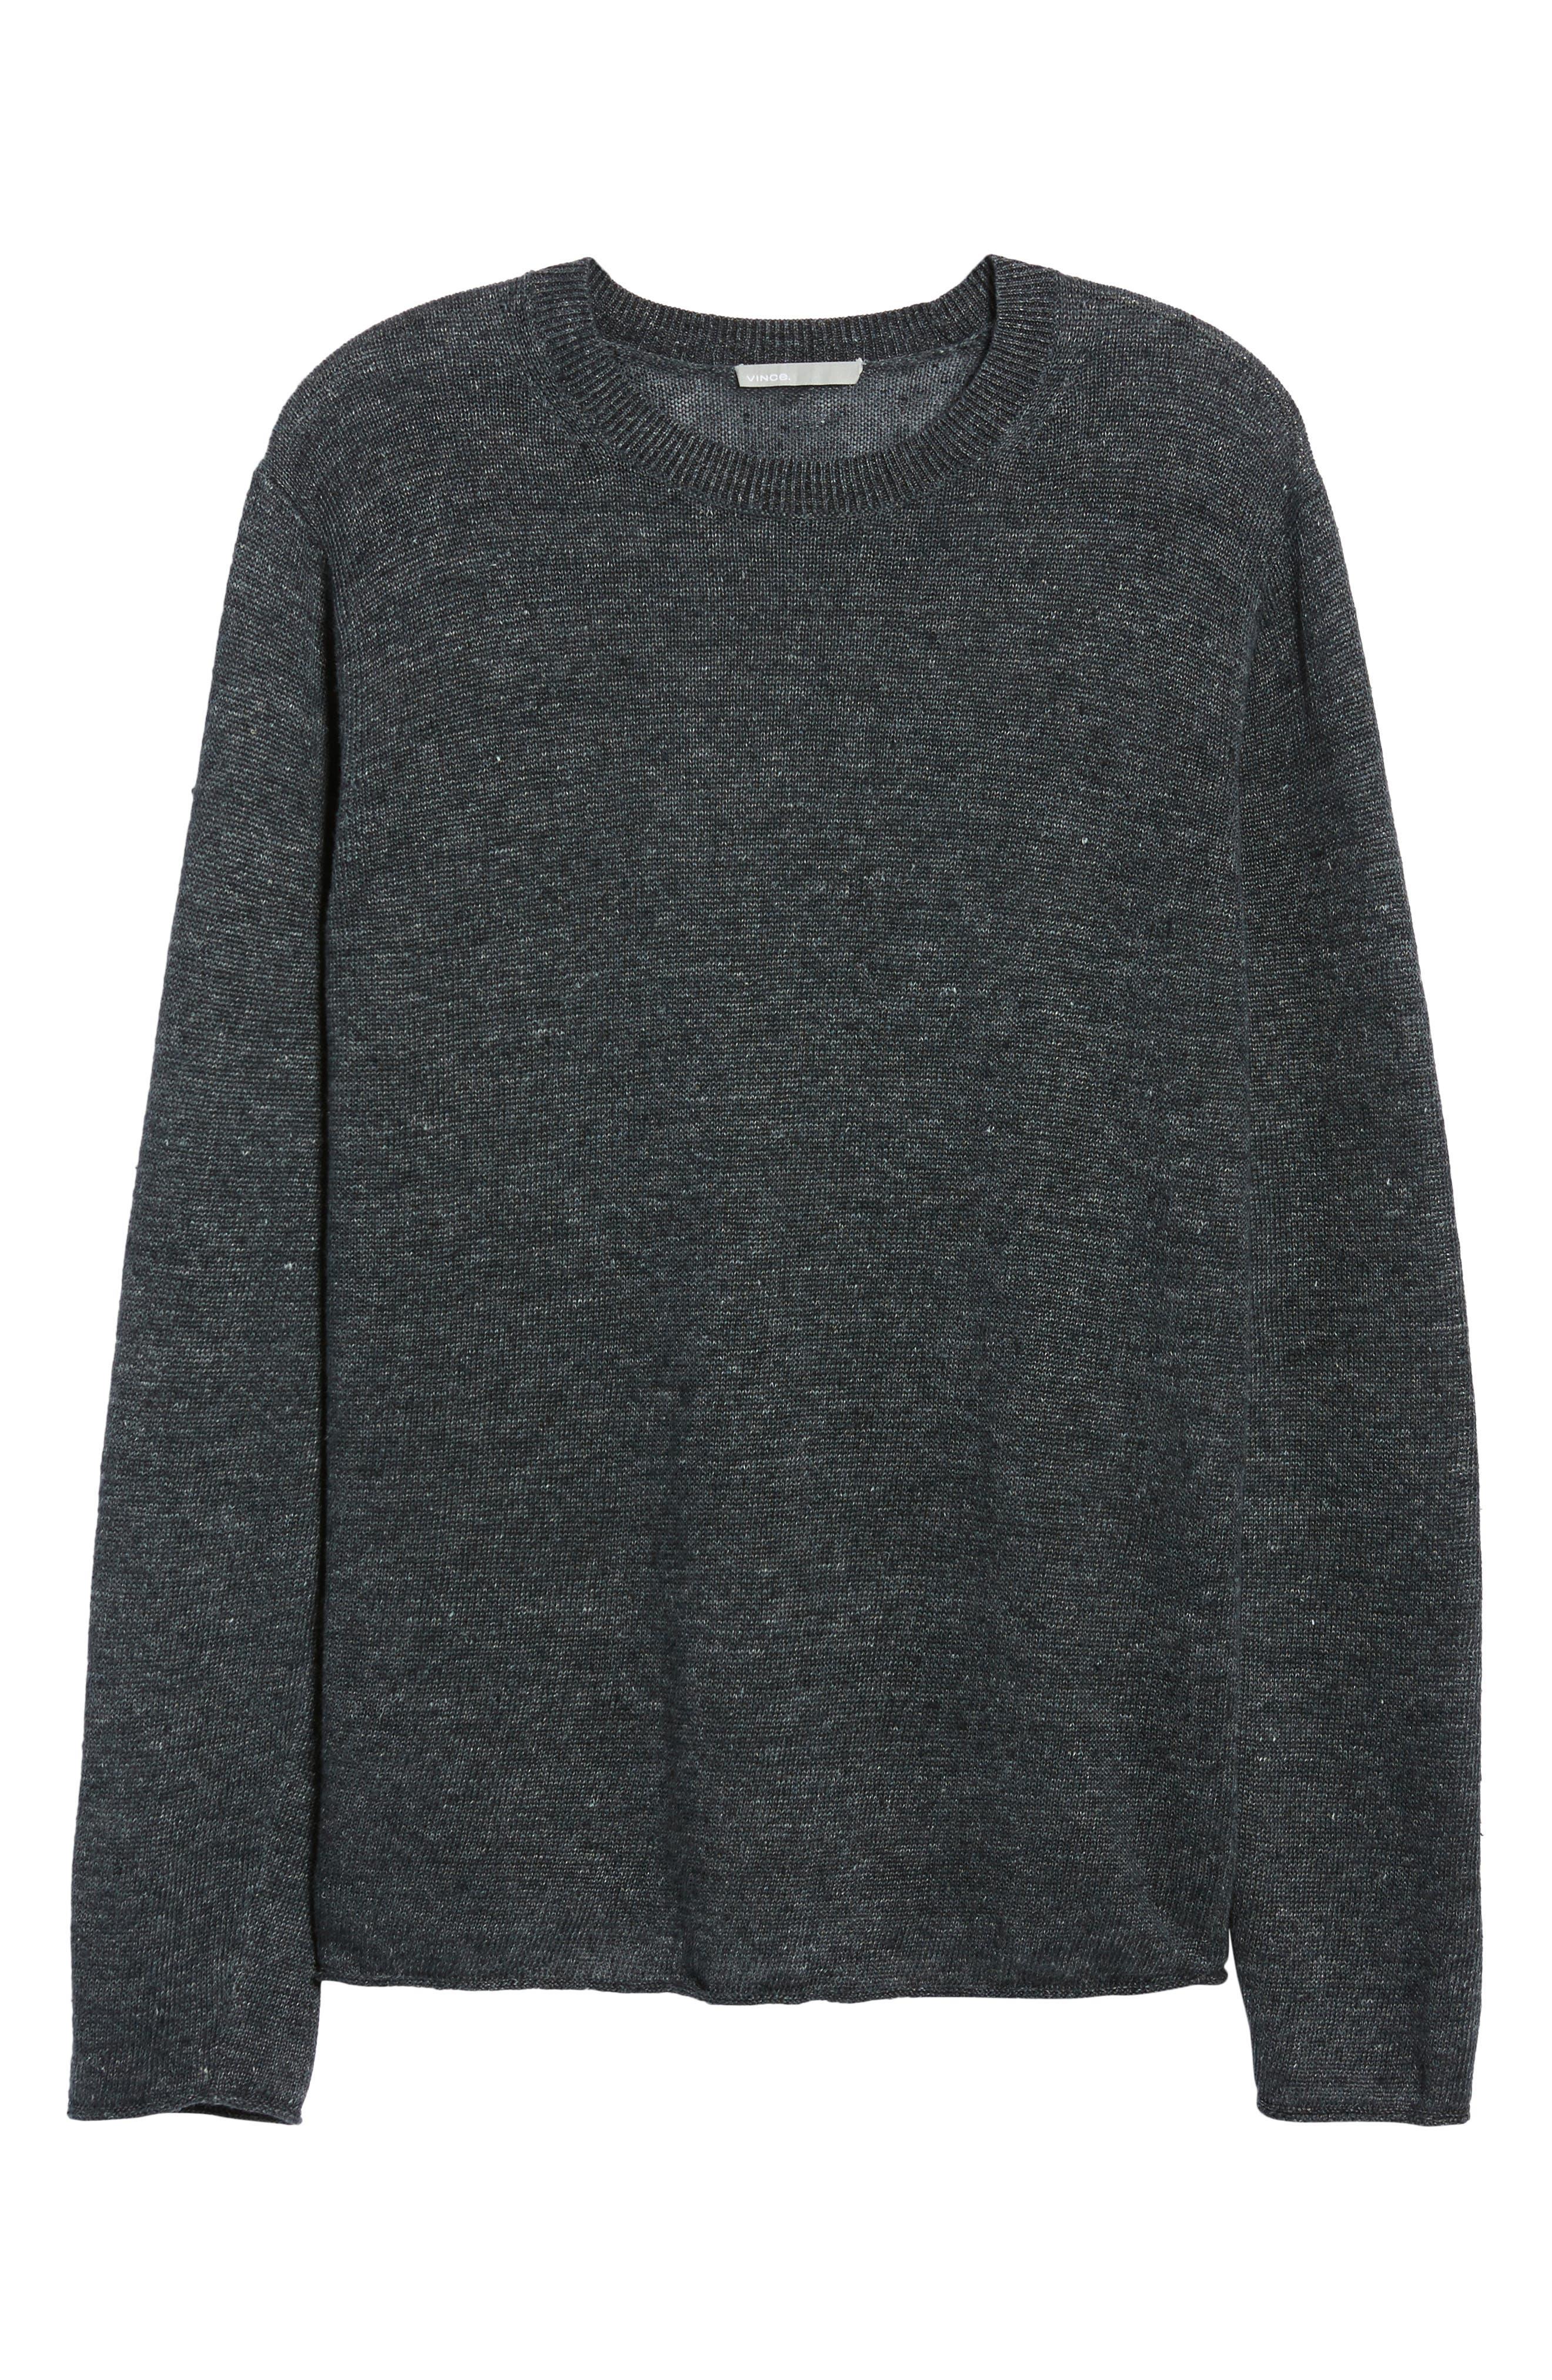 Slim Fit Linen Crewneck Sweater,                             Alternate thumbnail 6, color,                             001